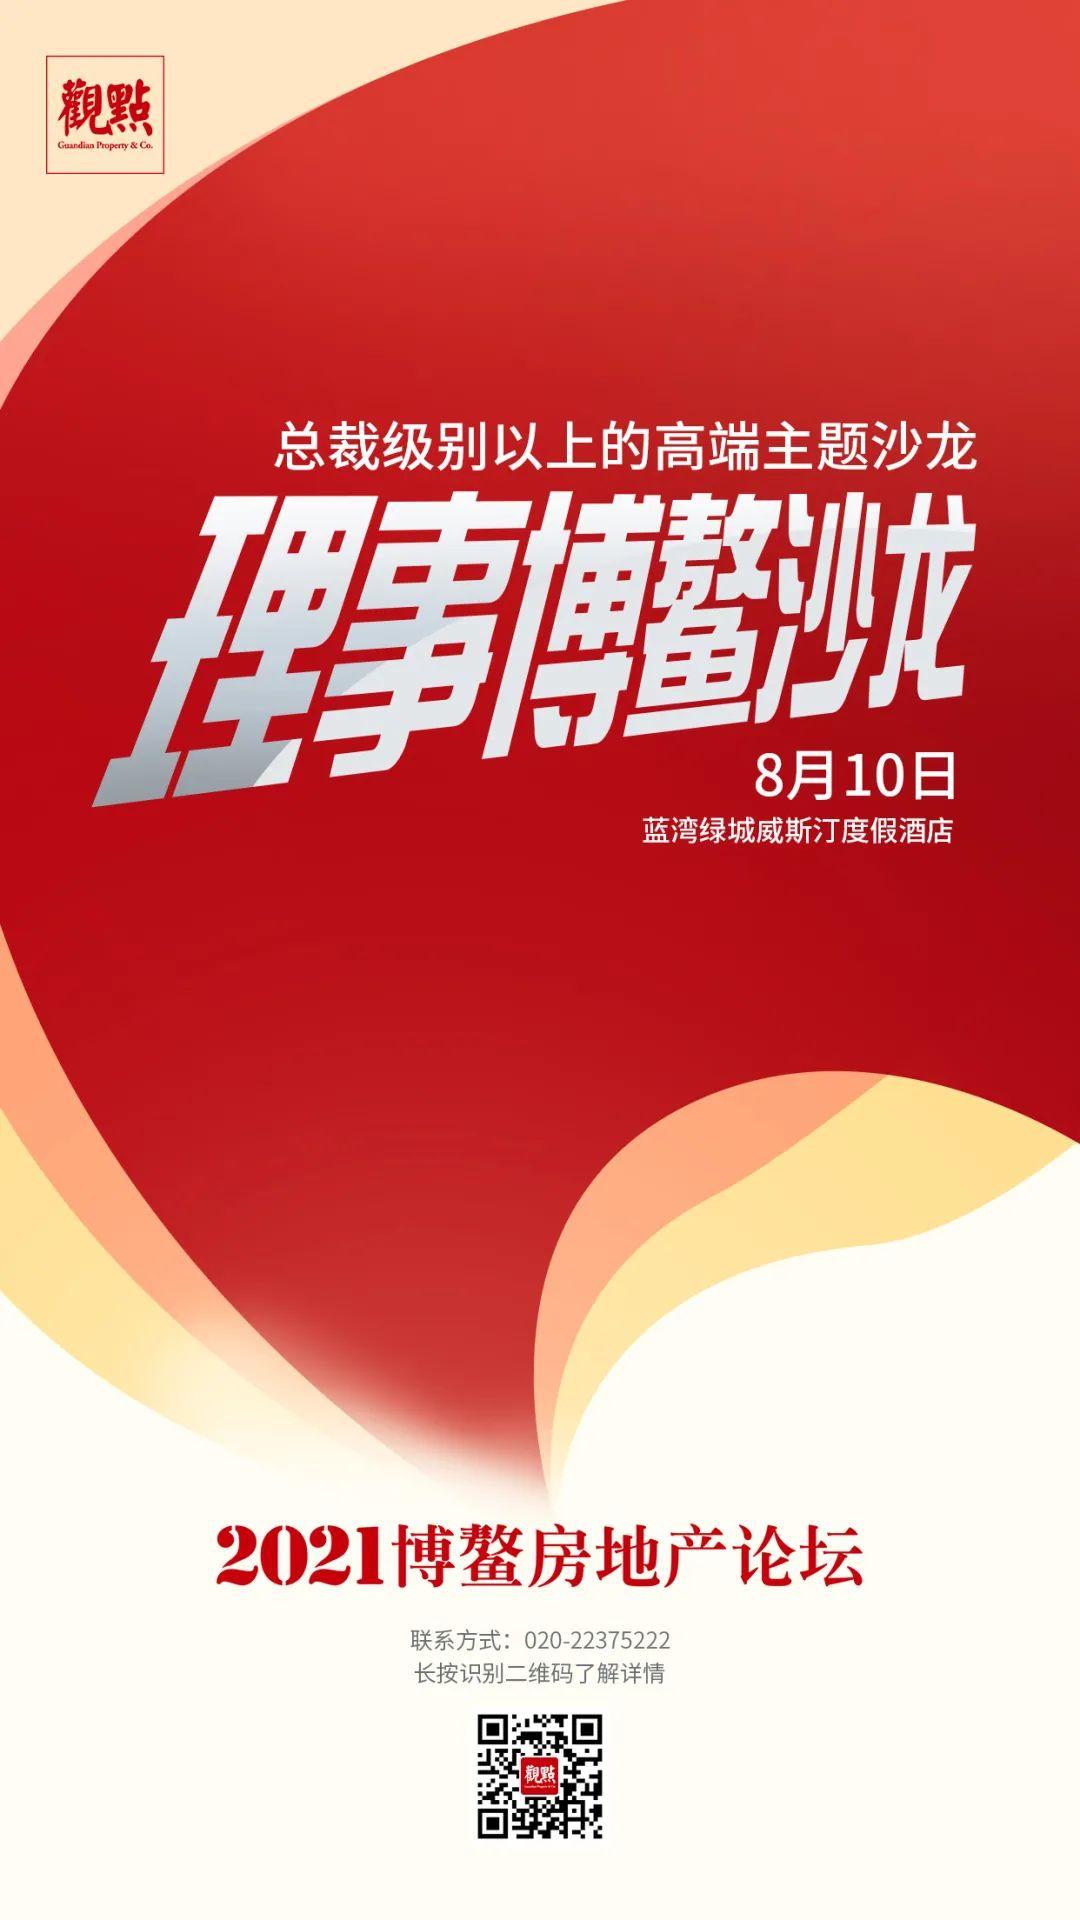 土地热线 | 天津第二轮集中供地计划发布 拟出让54宗地块